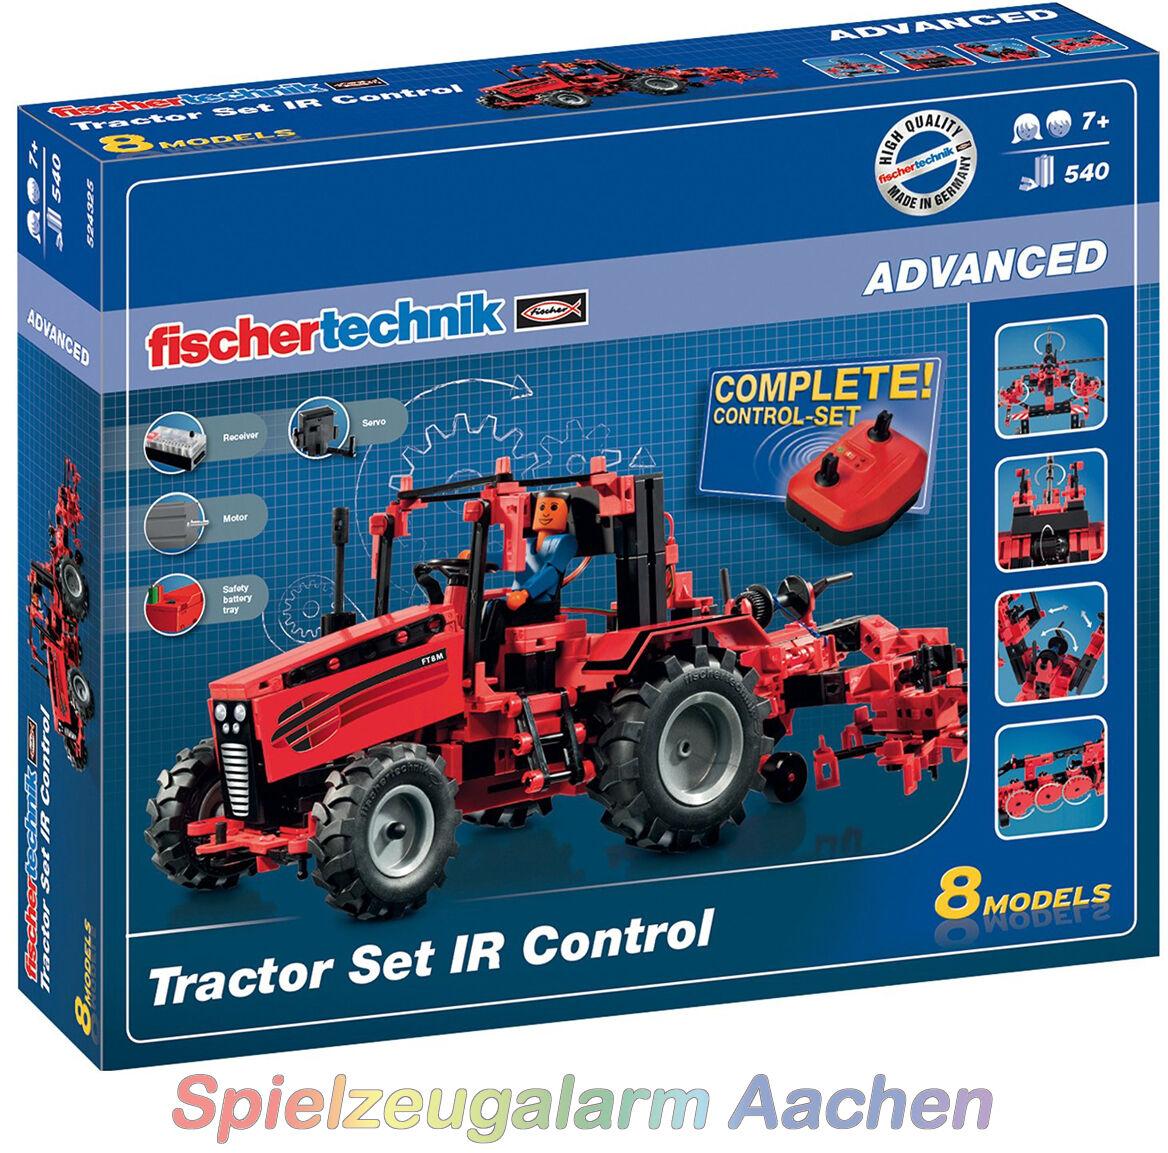 Fischertechnik ADVANCED 524325 Tractor Set IR Control 8 Modelle IR-Fernsteuerung  | Ausgang